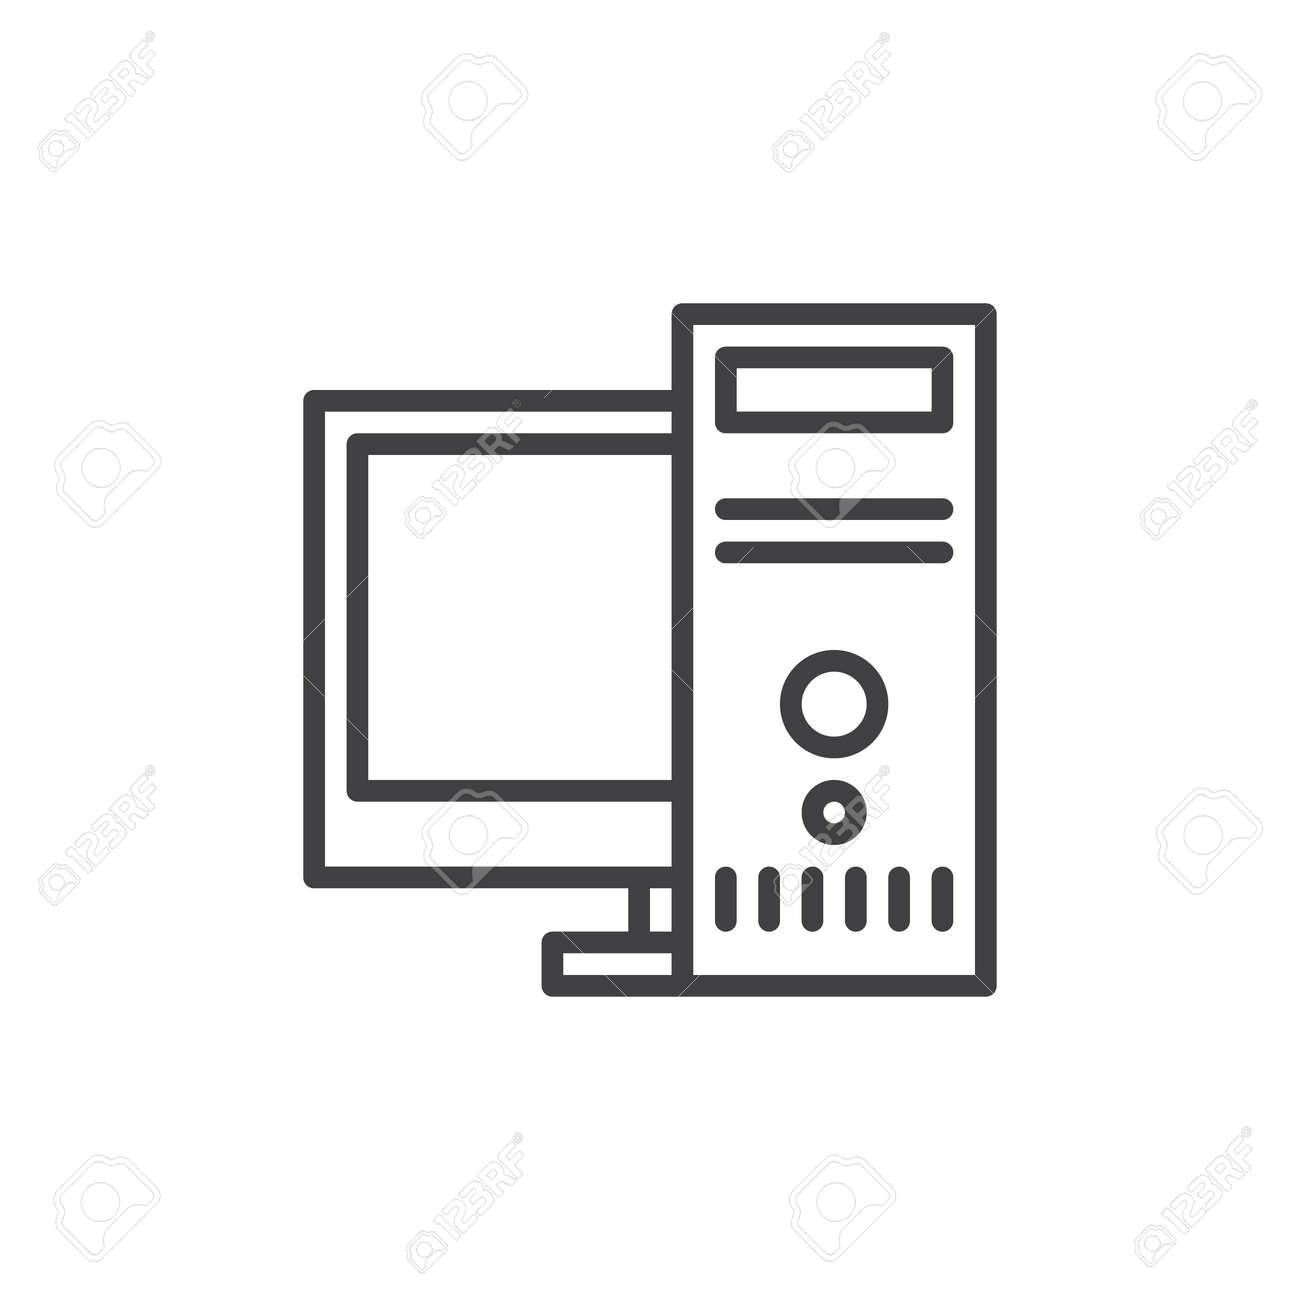 desktop computer workstation line icon outline vector sign